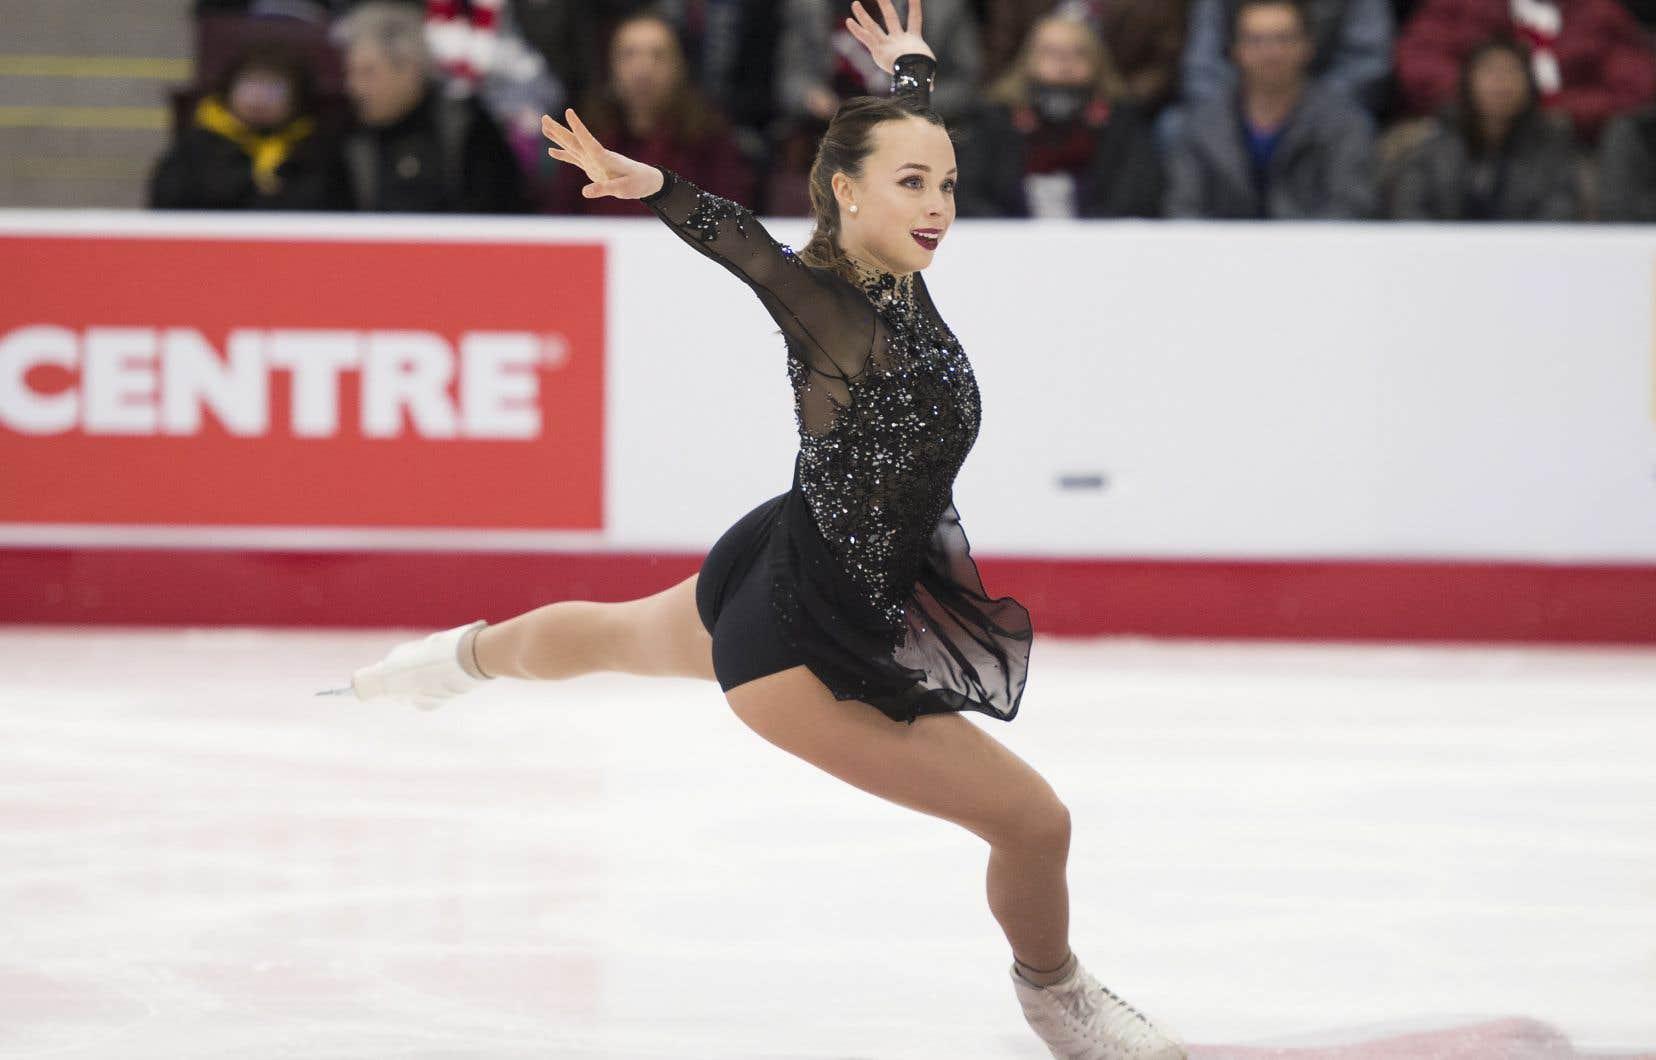 La Québécoise Alicia Pineaultreprésentera le Canada chez les dameslors des Championnats du monde de patinage artistique.